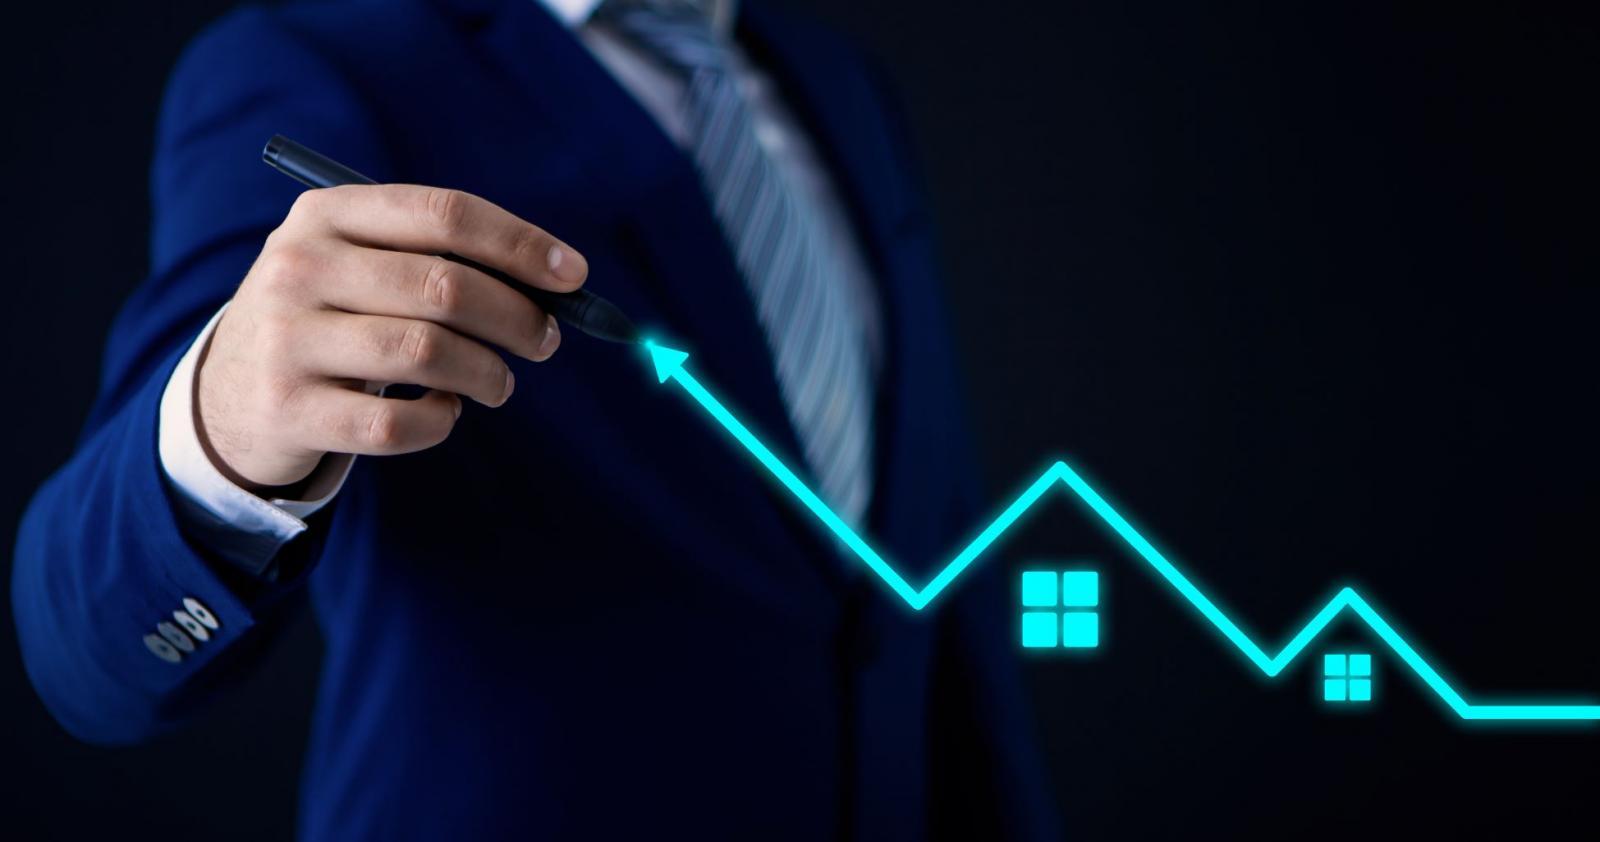 Tìm kiếm vùng giá đáy bất động sản là bài toán cân não chỉ dành cho nhà đầu tư am hiểu thị trường bất động sản. Ảnh minh họa